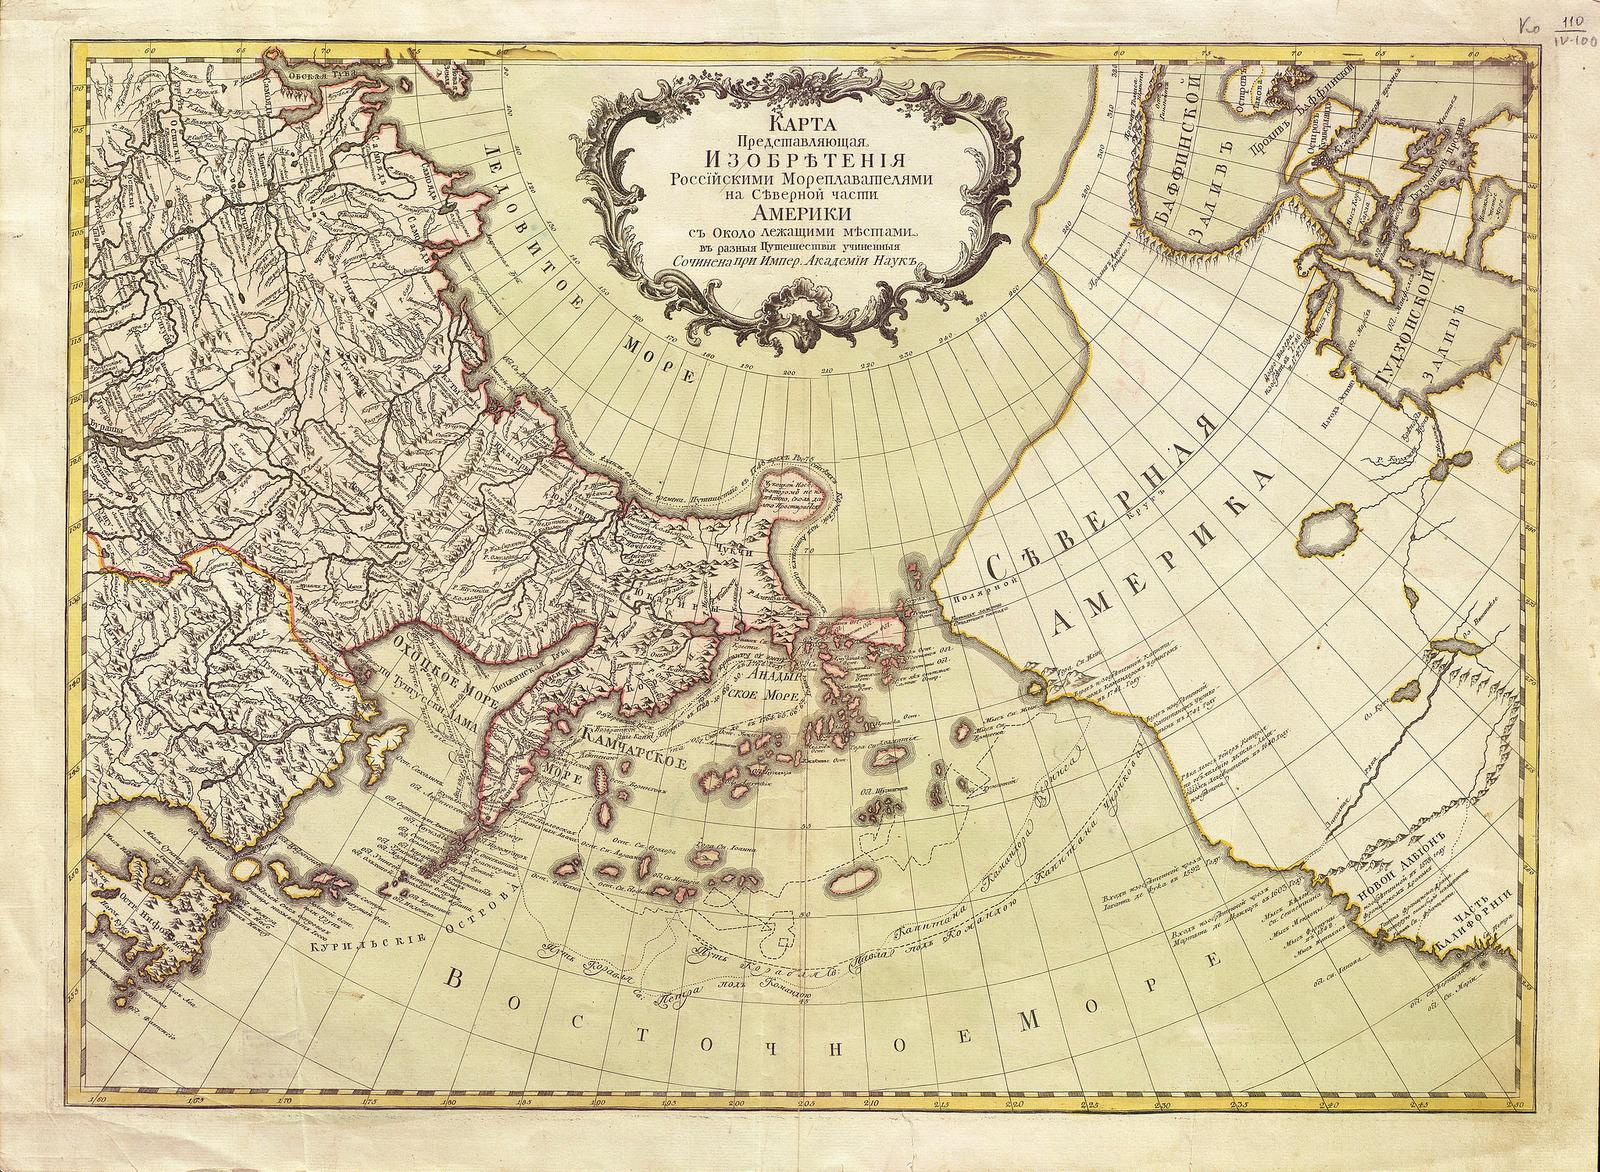 1777_Карта Представляющая изобретения Российскими Мореплавателями на Северной части Америки с около лежащими местами